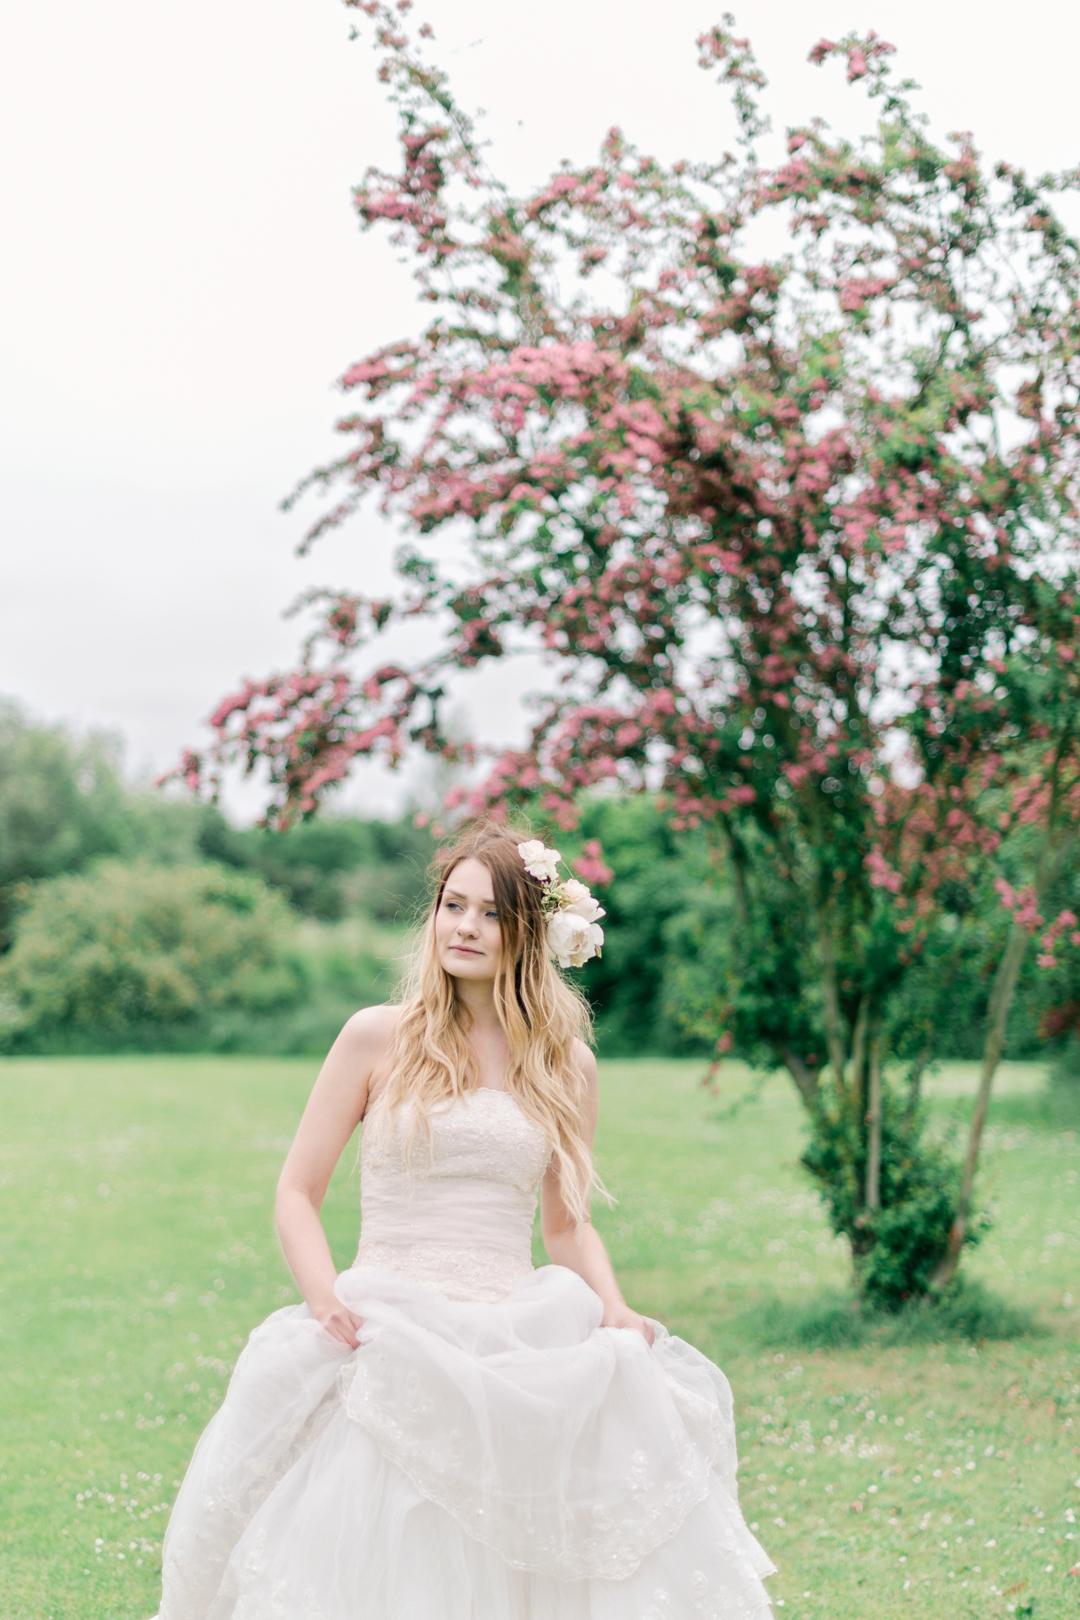 Pinkwedding-6